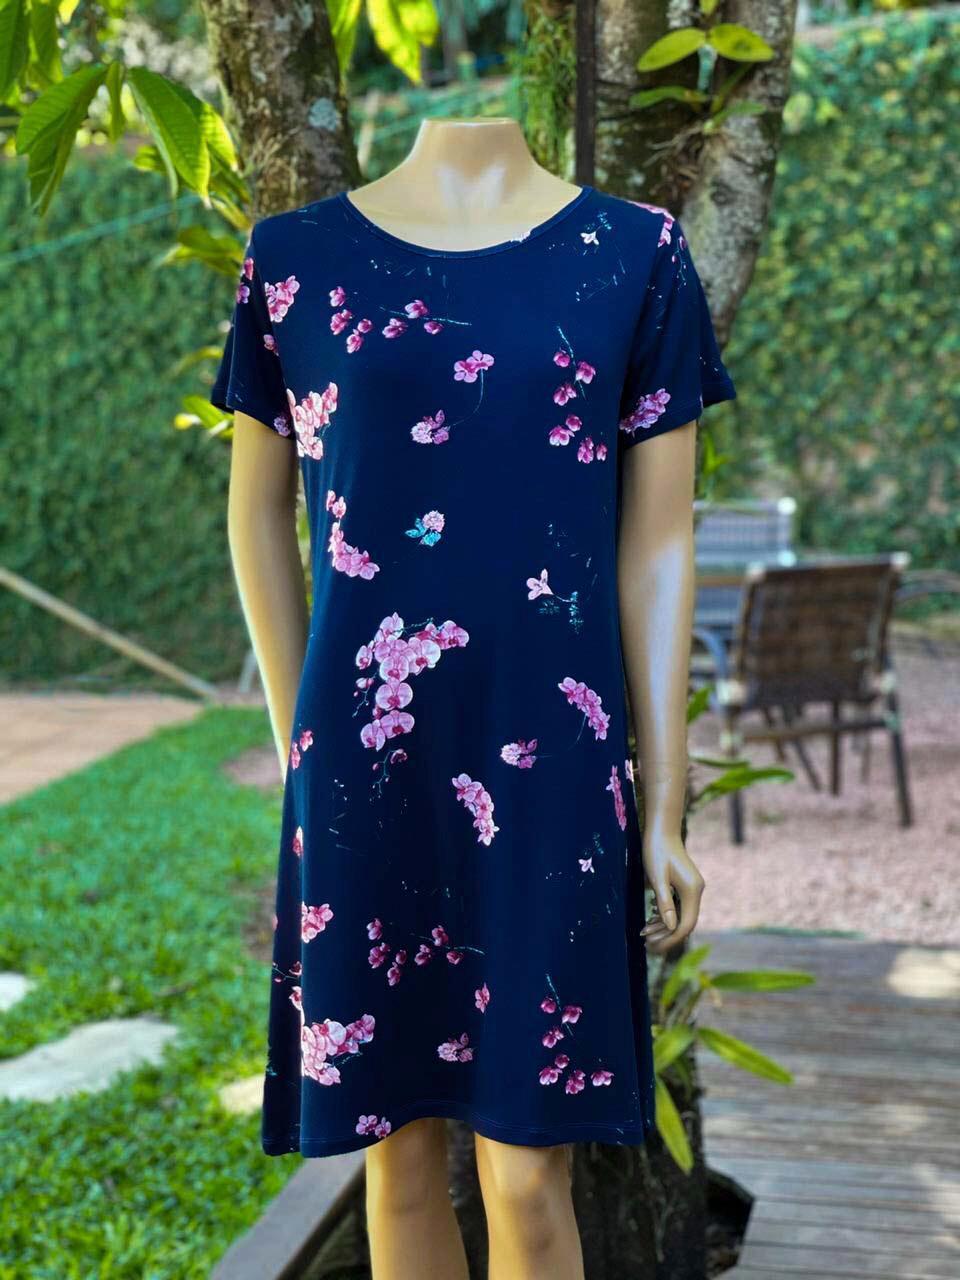 Vestido Feminino Manga Curta Gola Redonda Azul Marinho Estampado